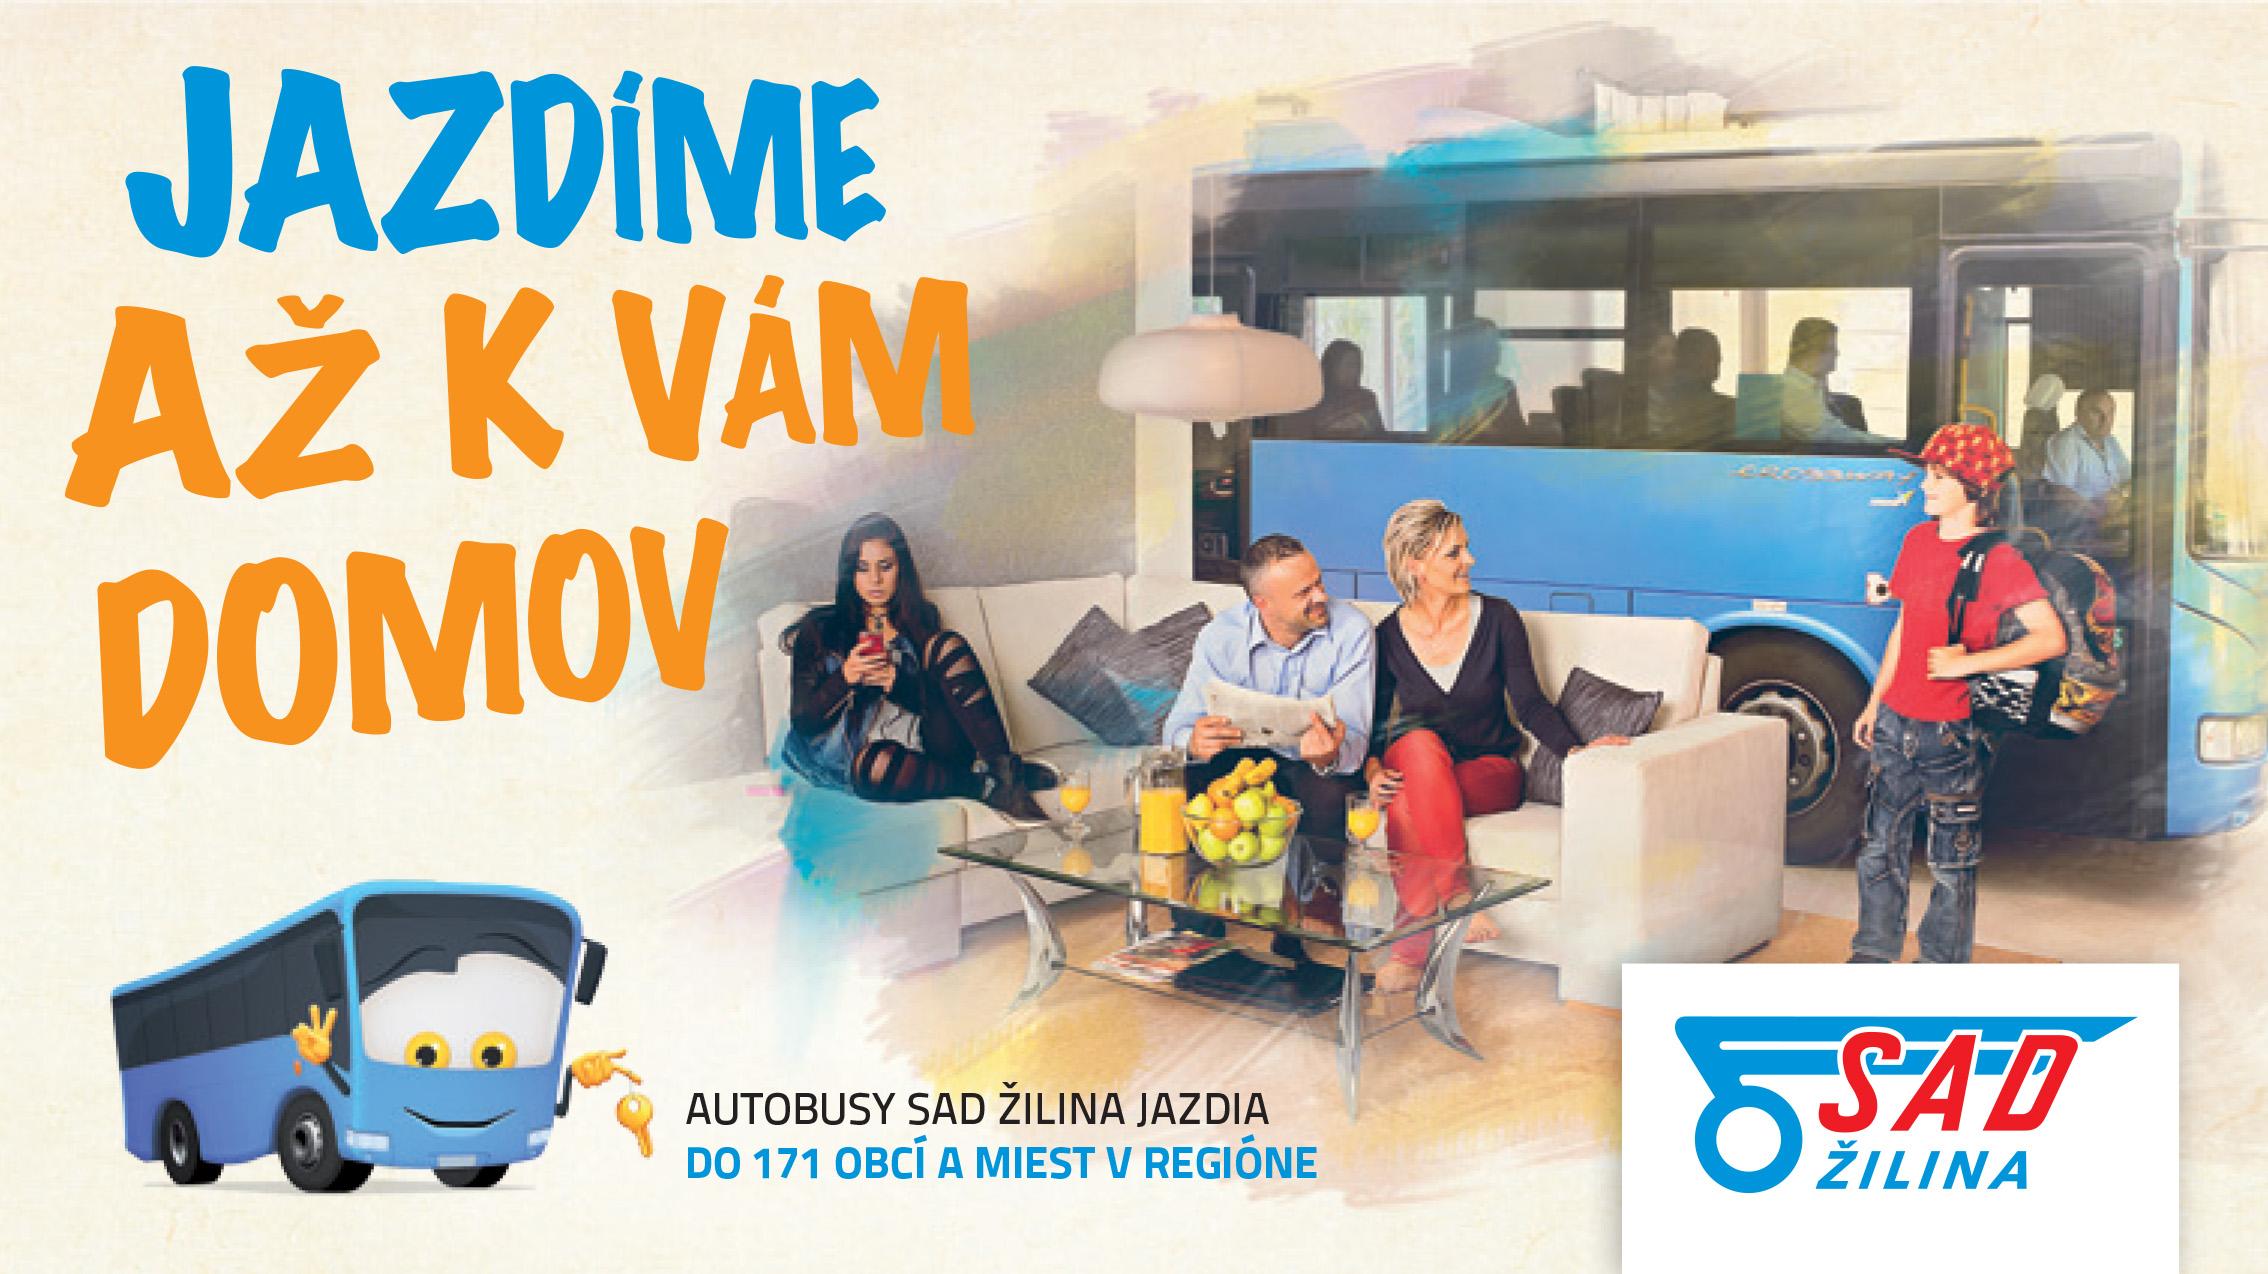 019ca3e7f Slovenská autobusová doprava Žilina